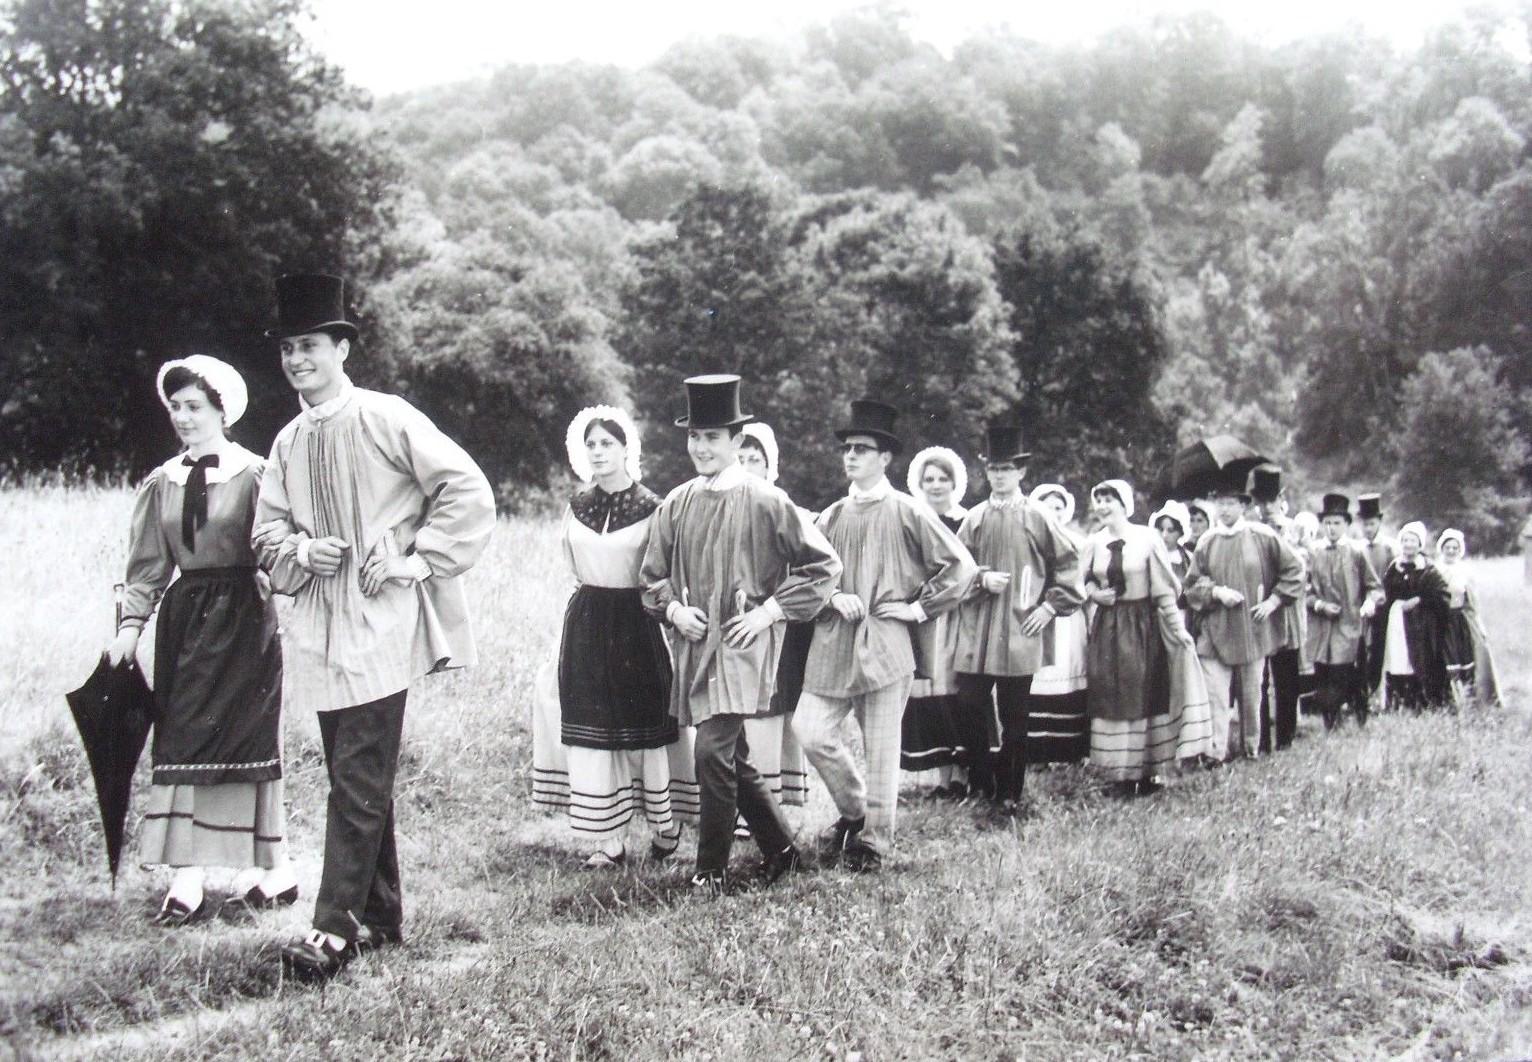 Au quotidien - Art de vivre et costumes - Folklore Sarthois